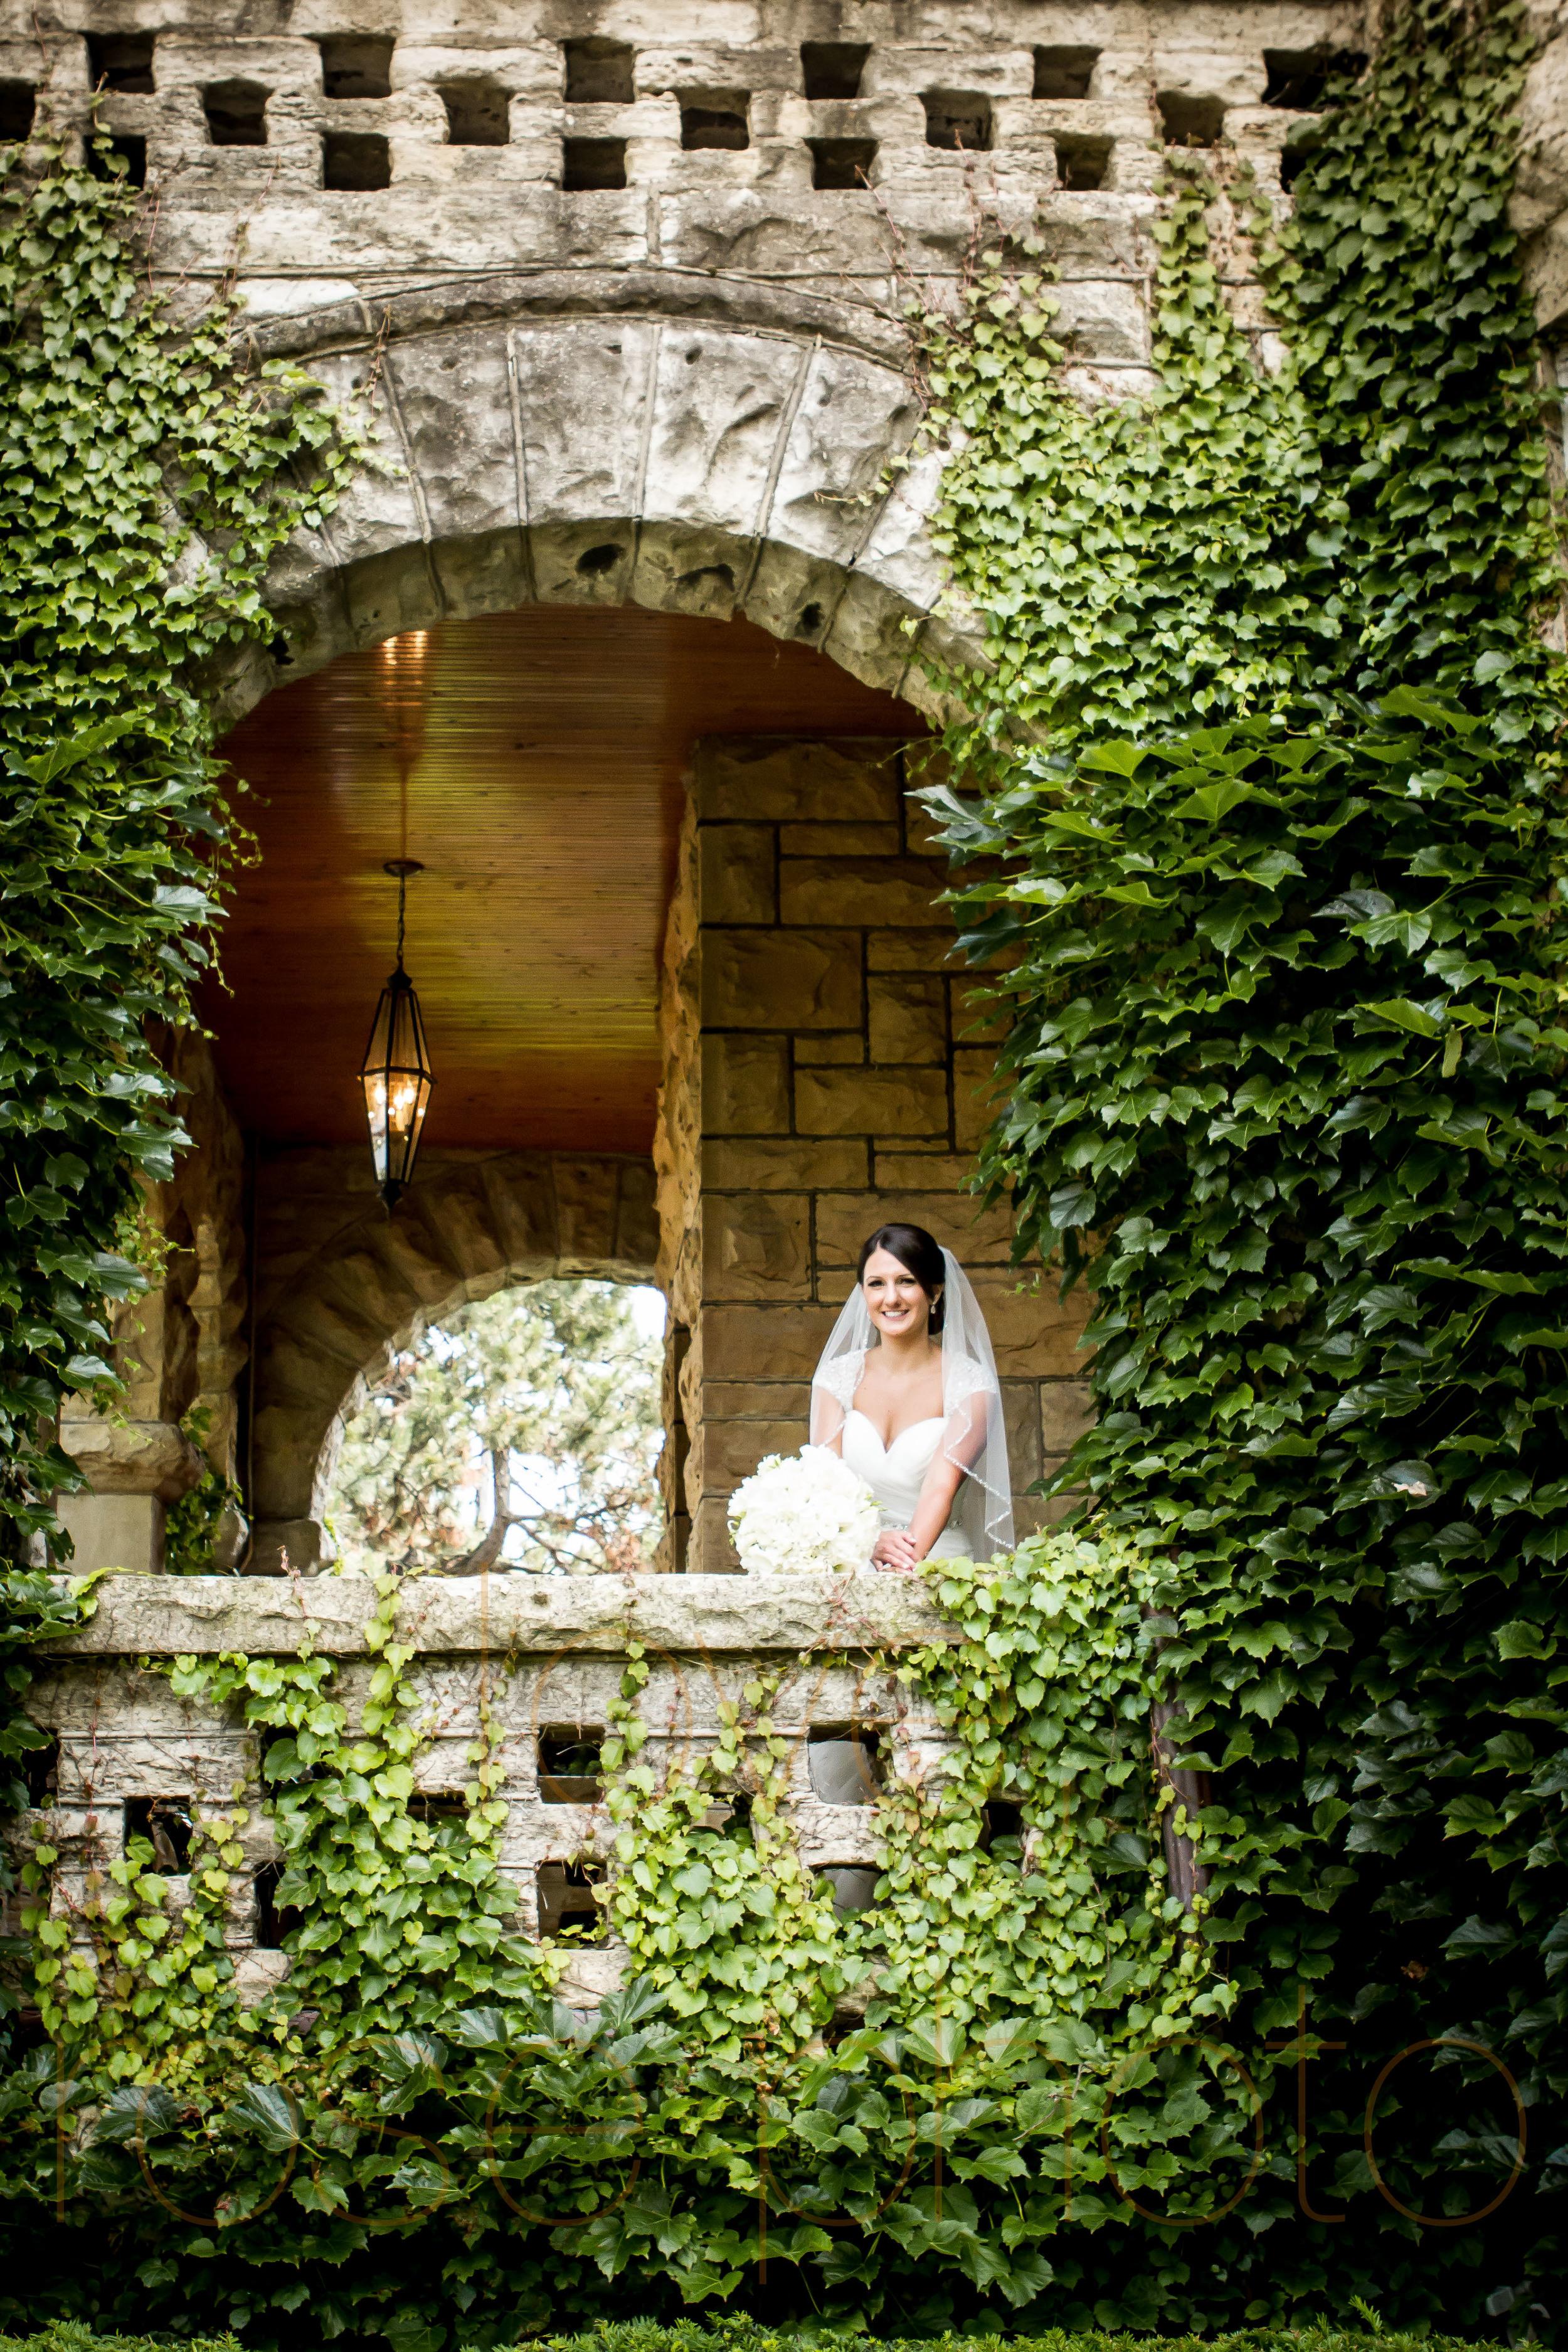 ellen + bryan chicago wedding joliet james healy mansion portrait lifestyle photojournalist photographer -005.jpg